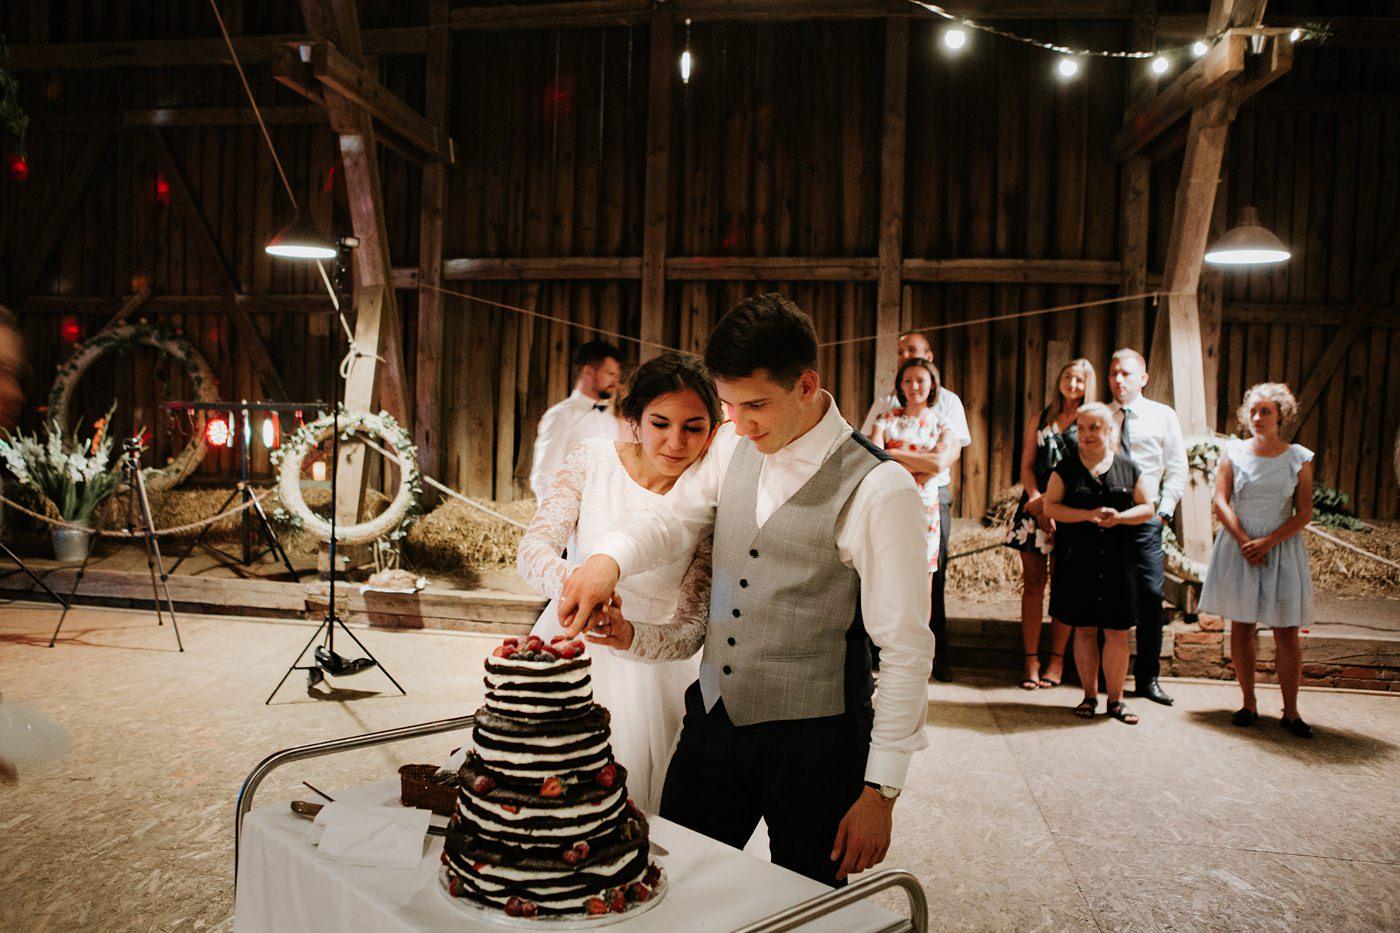 Dominika & Aleksander - Rustykalne wesele w stodole - Baborówko 149